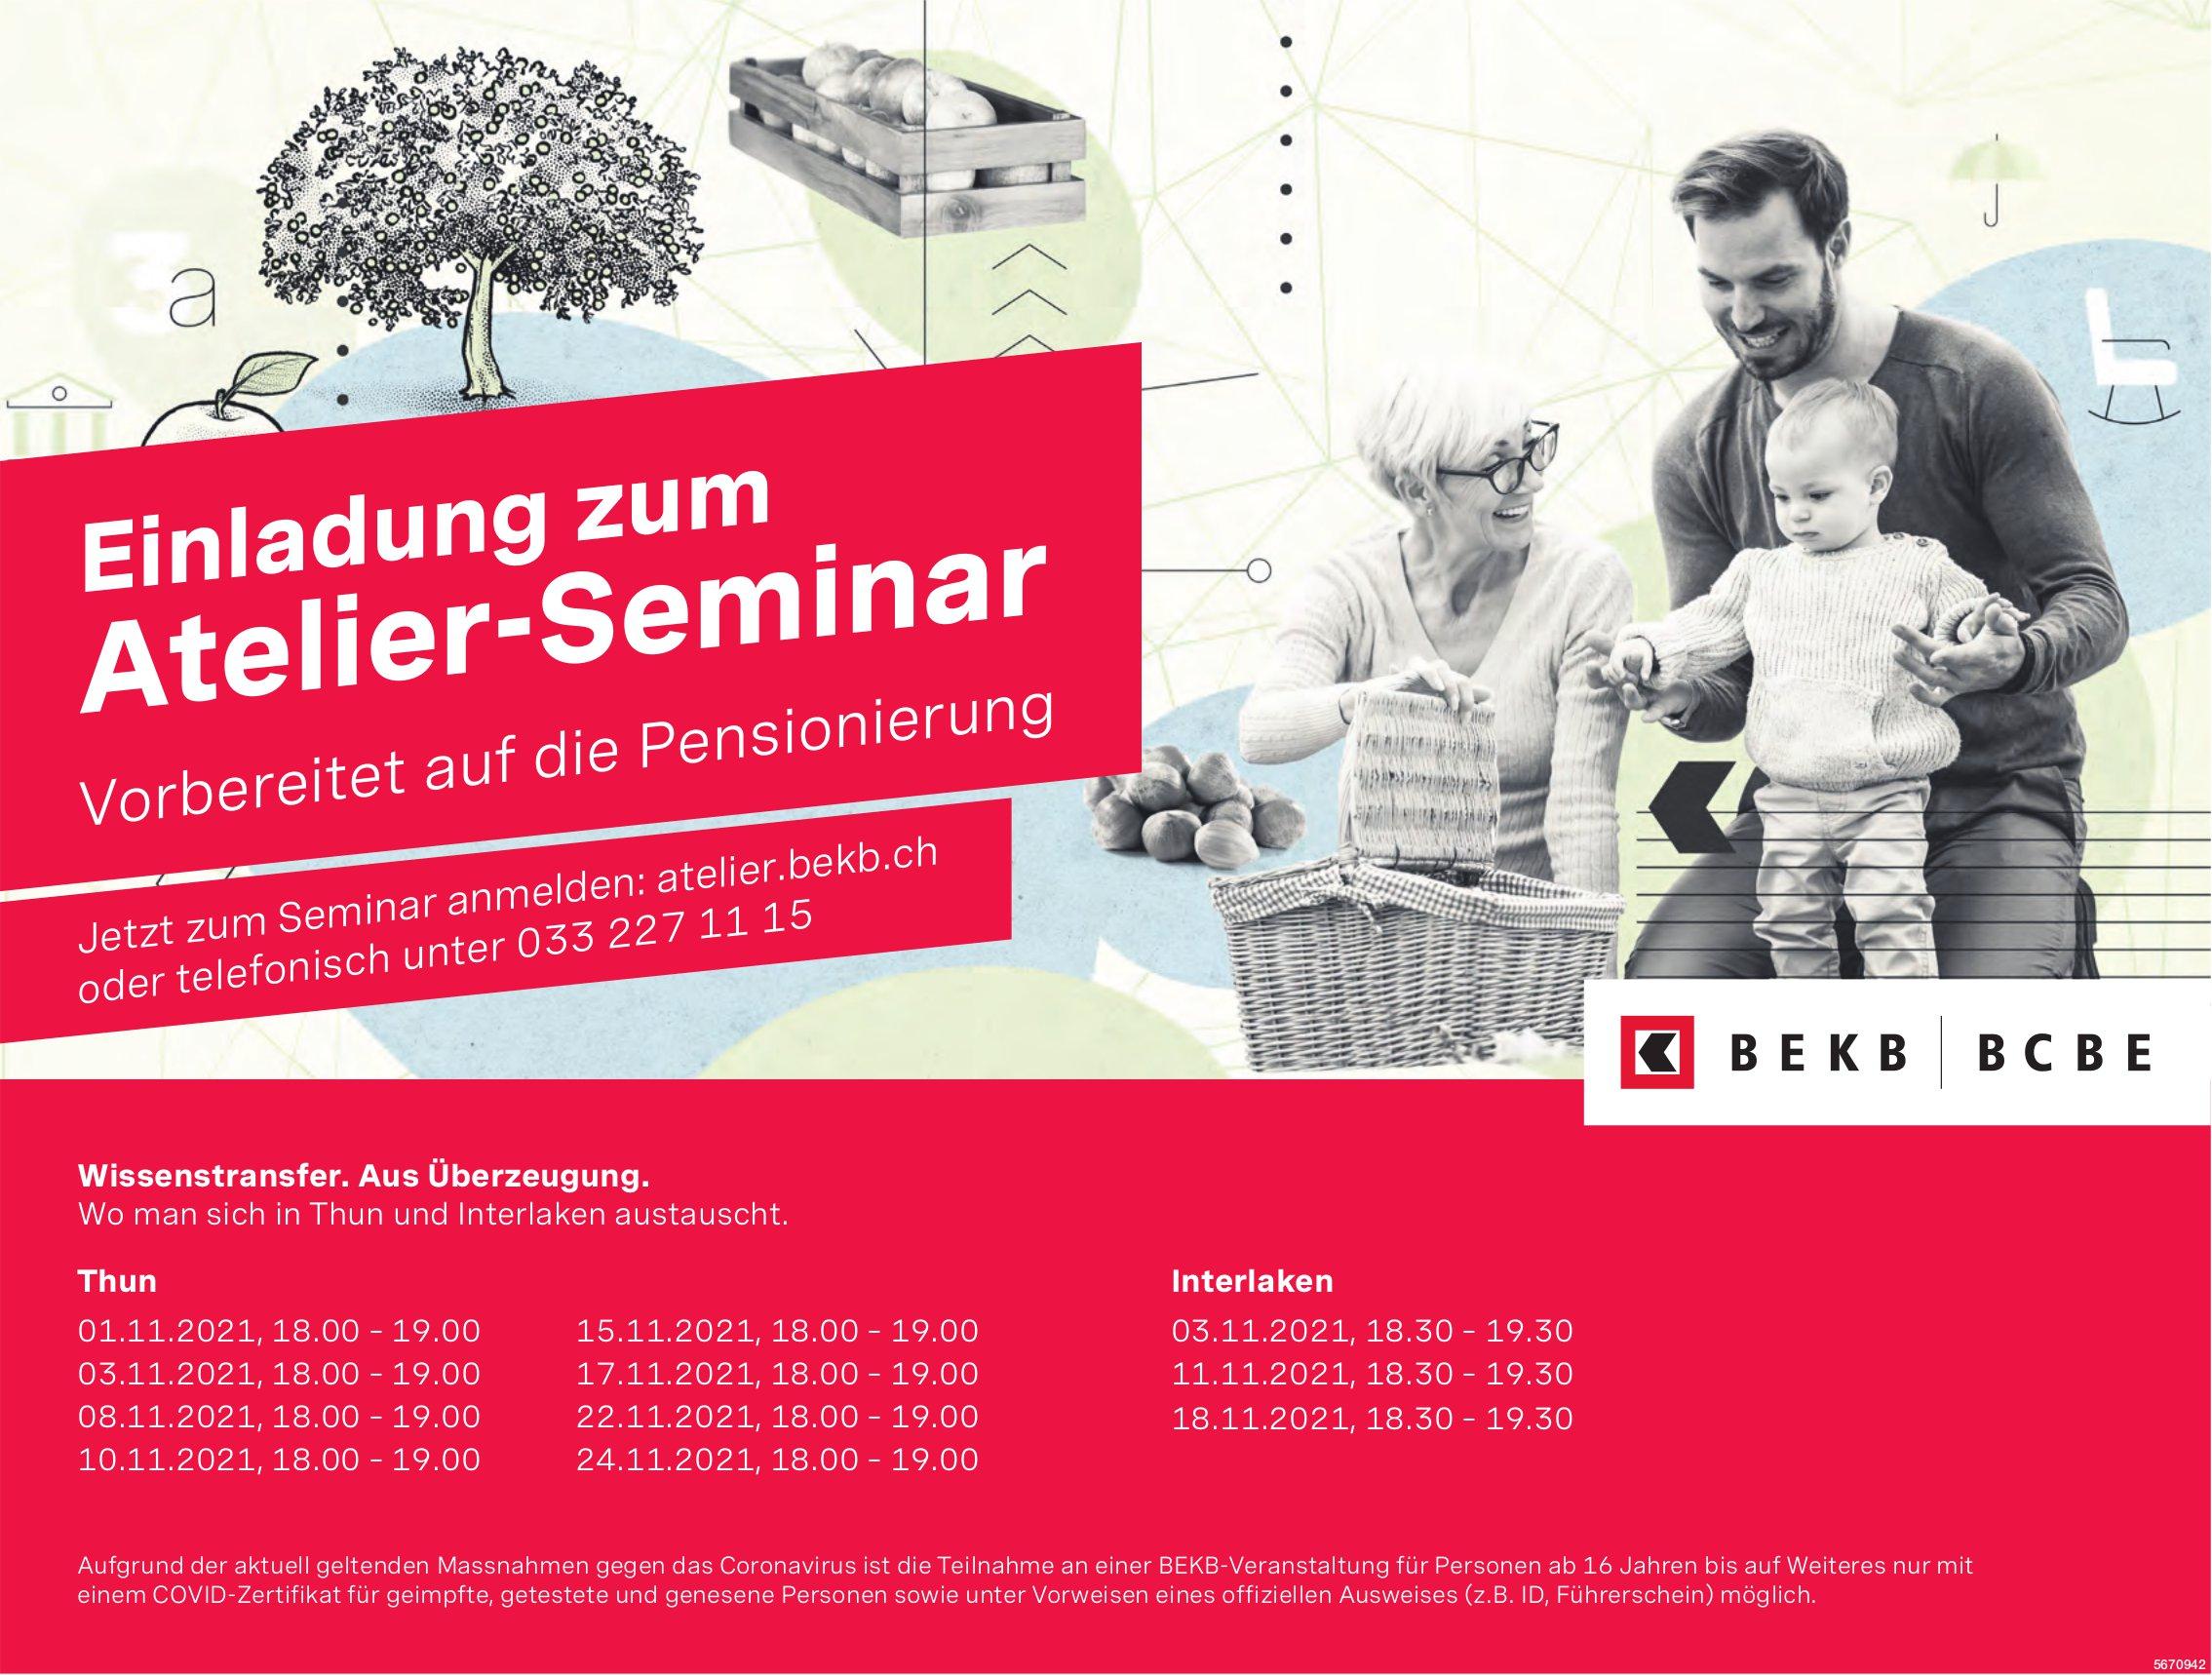 Atelier-Seminar: Vorbereitet auf die Pensionierung, 1. - 24. November, BEKB, Thun & Interlaken